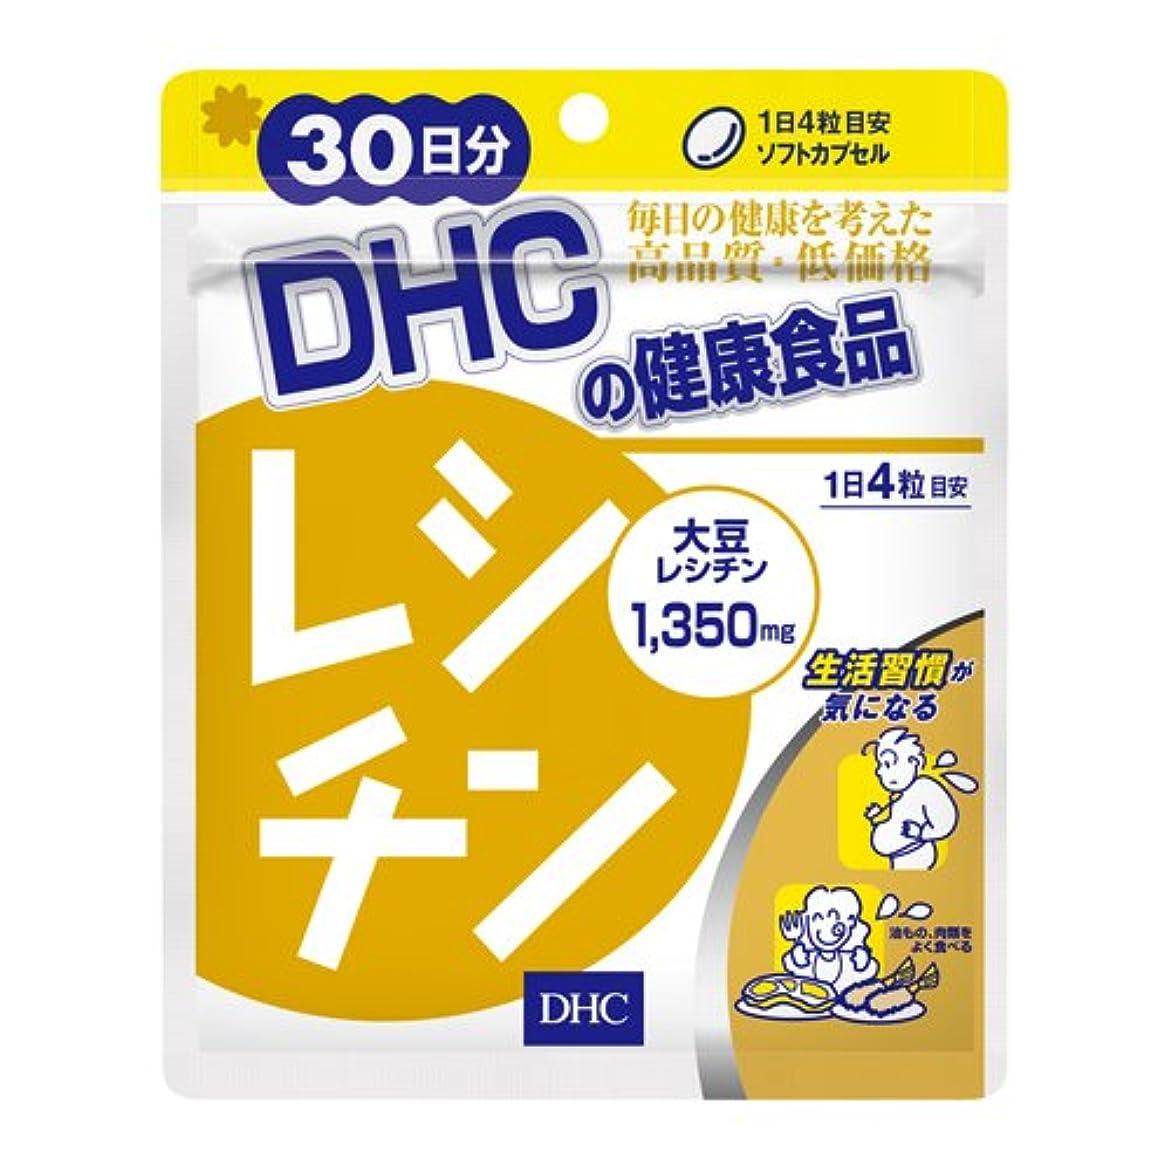 細い報酬の生きるDHC レシチン 30日分